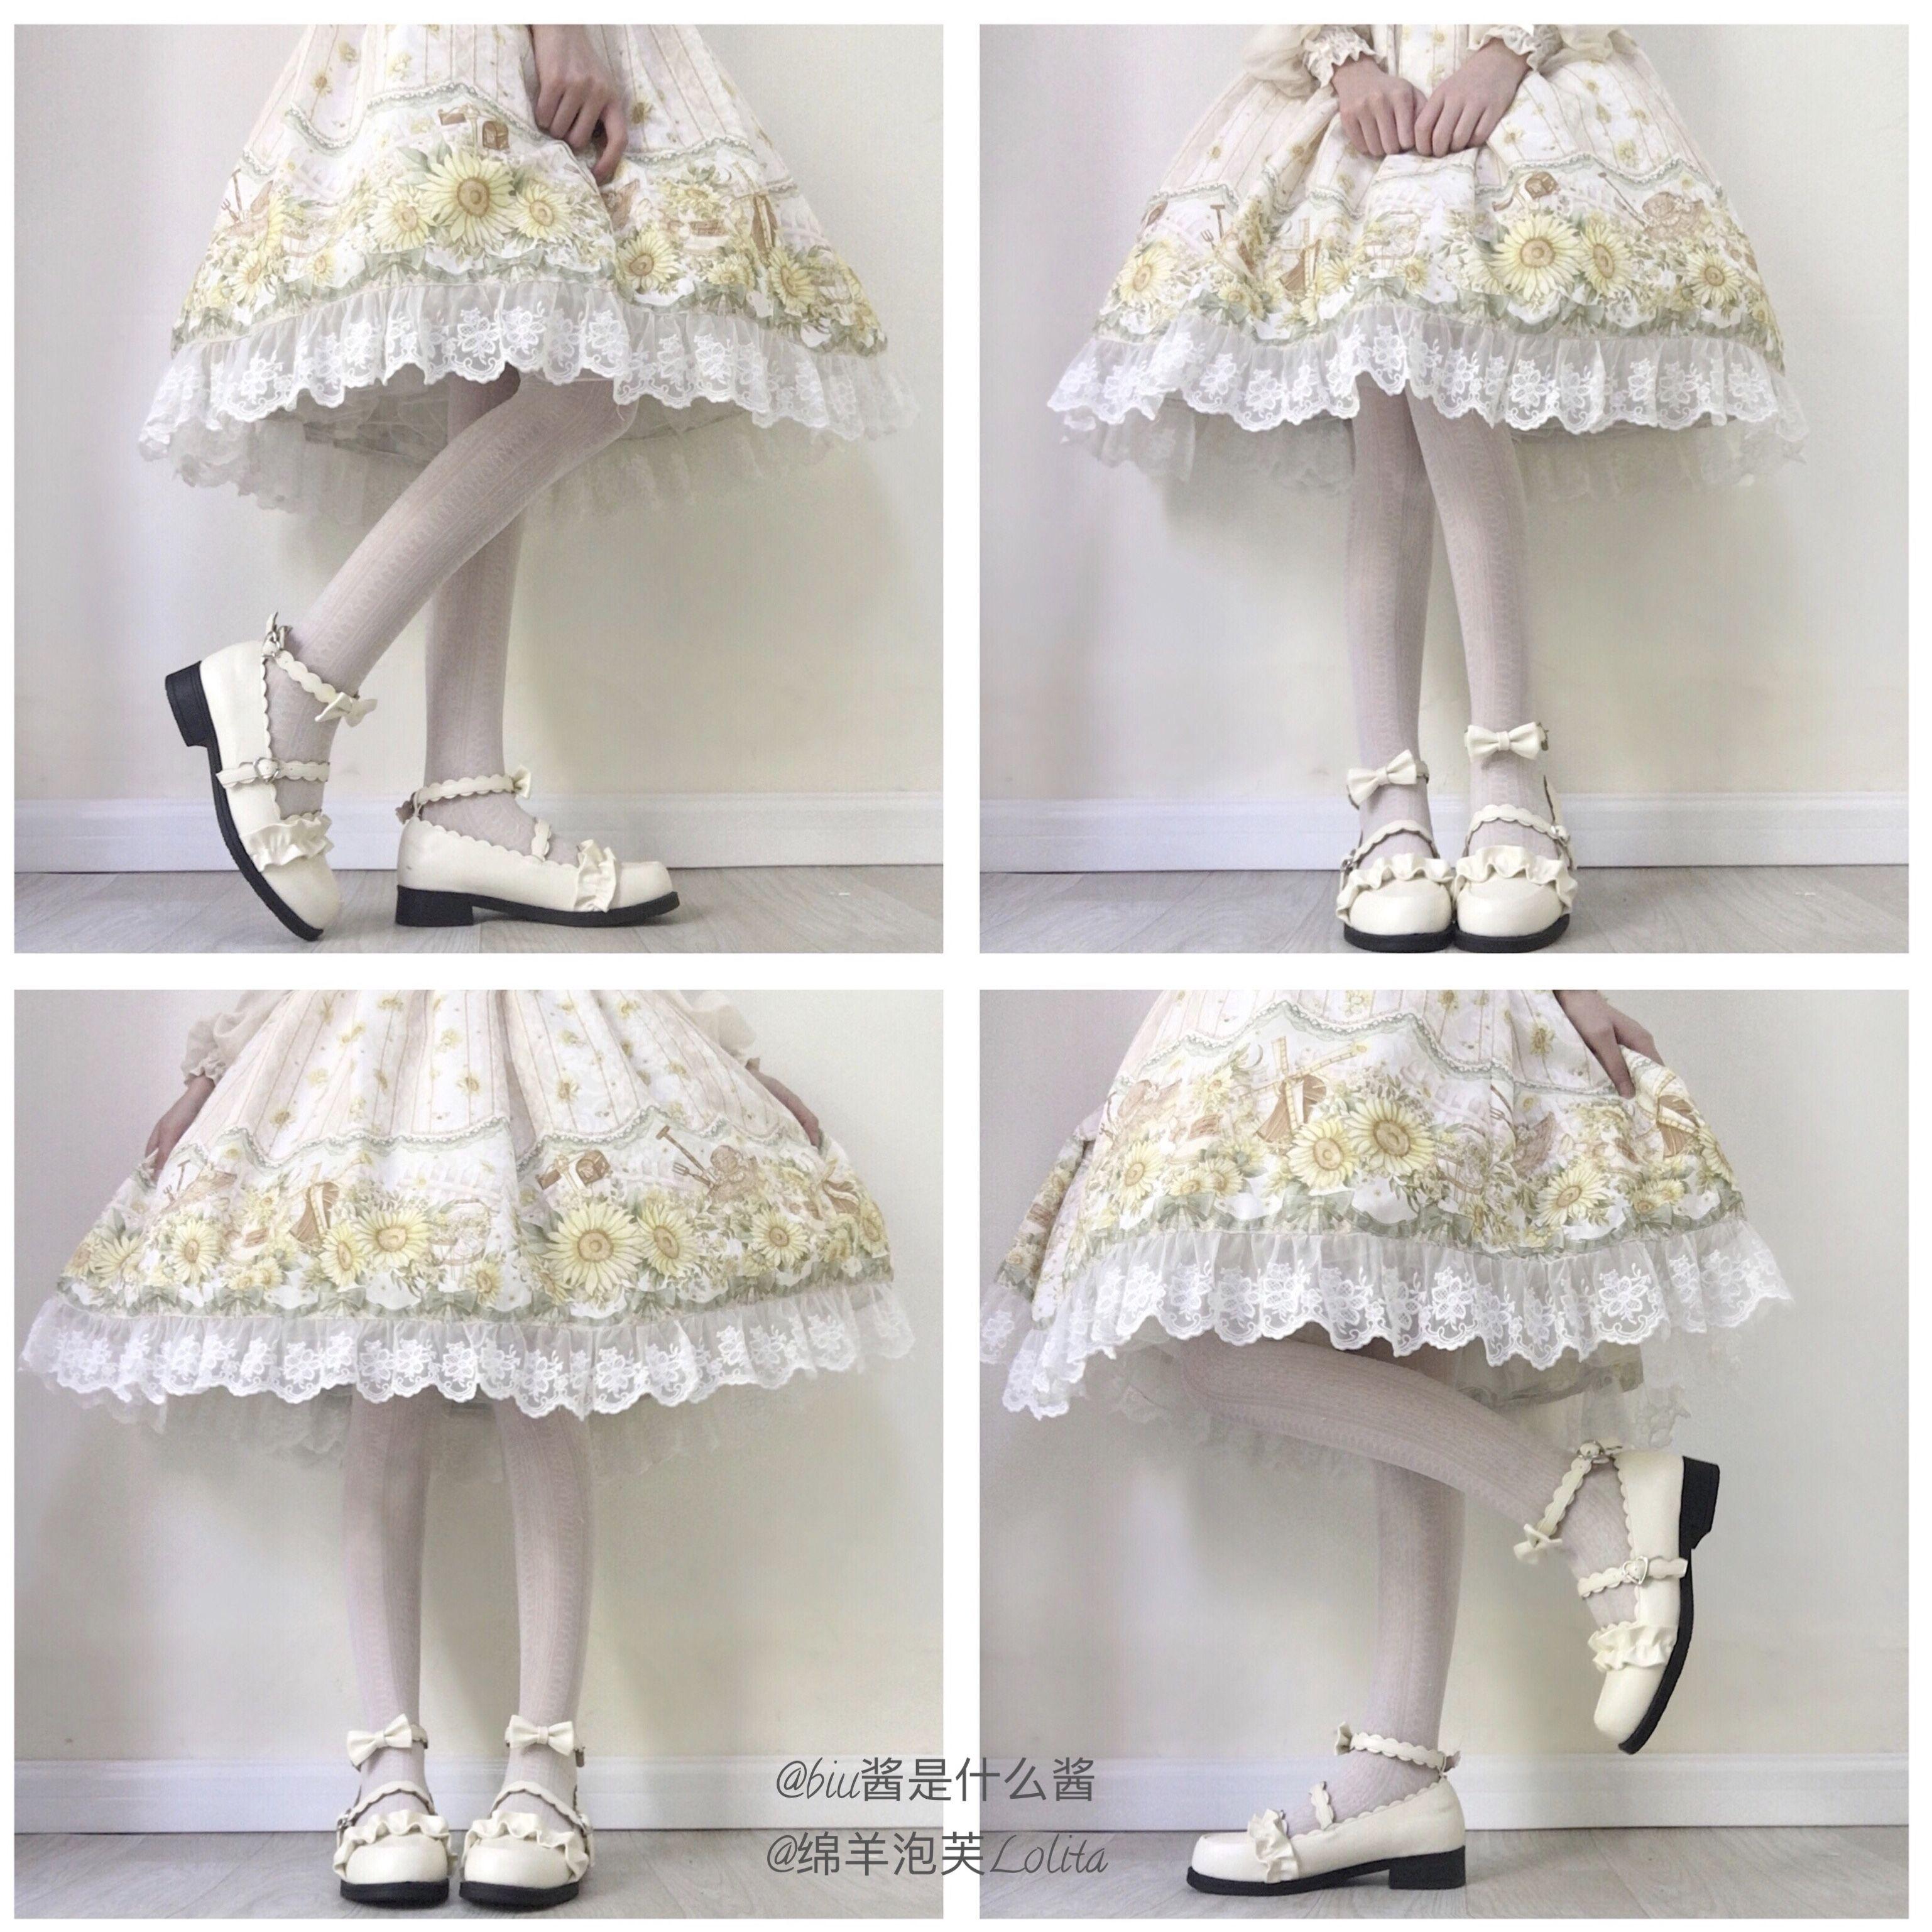 鞋日系花边圆头学生鞋子 Lolita 绵羊泡芙原创 低跟梅露露 现货